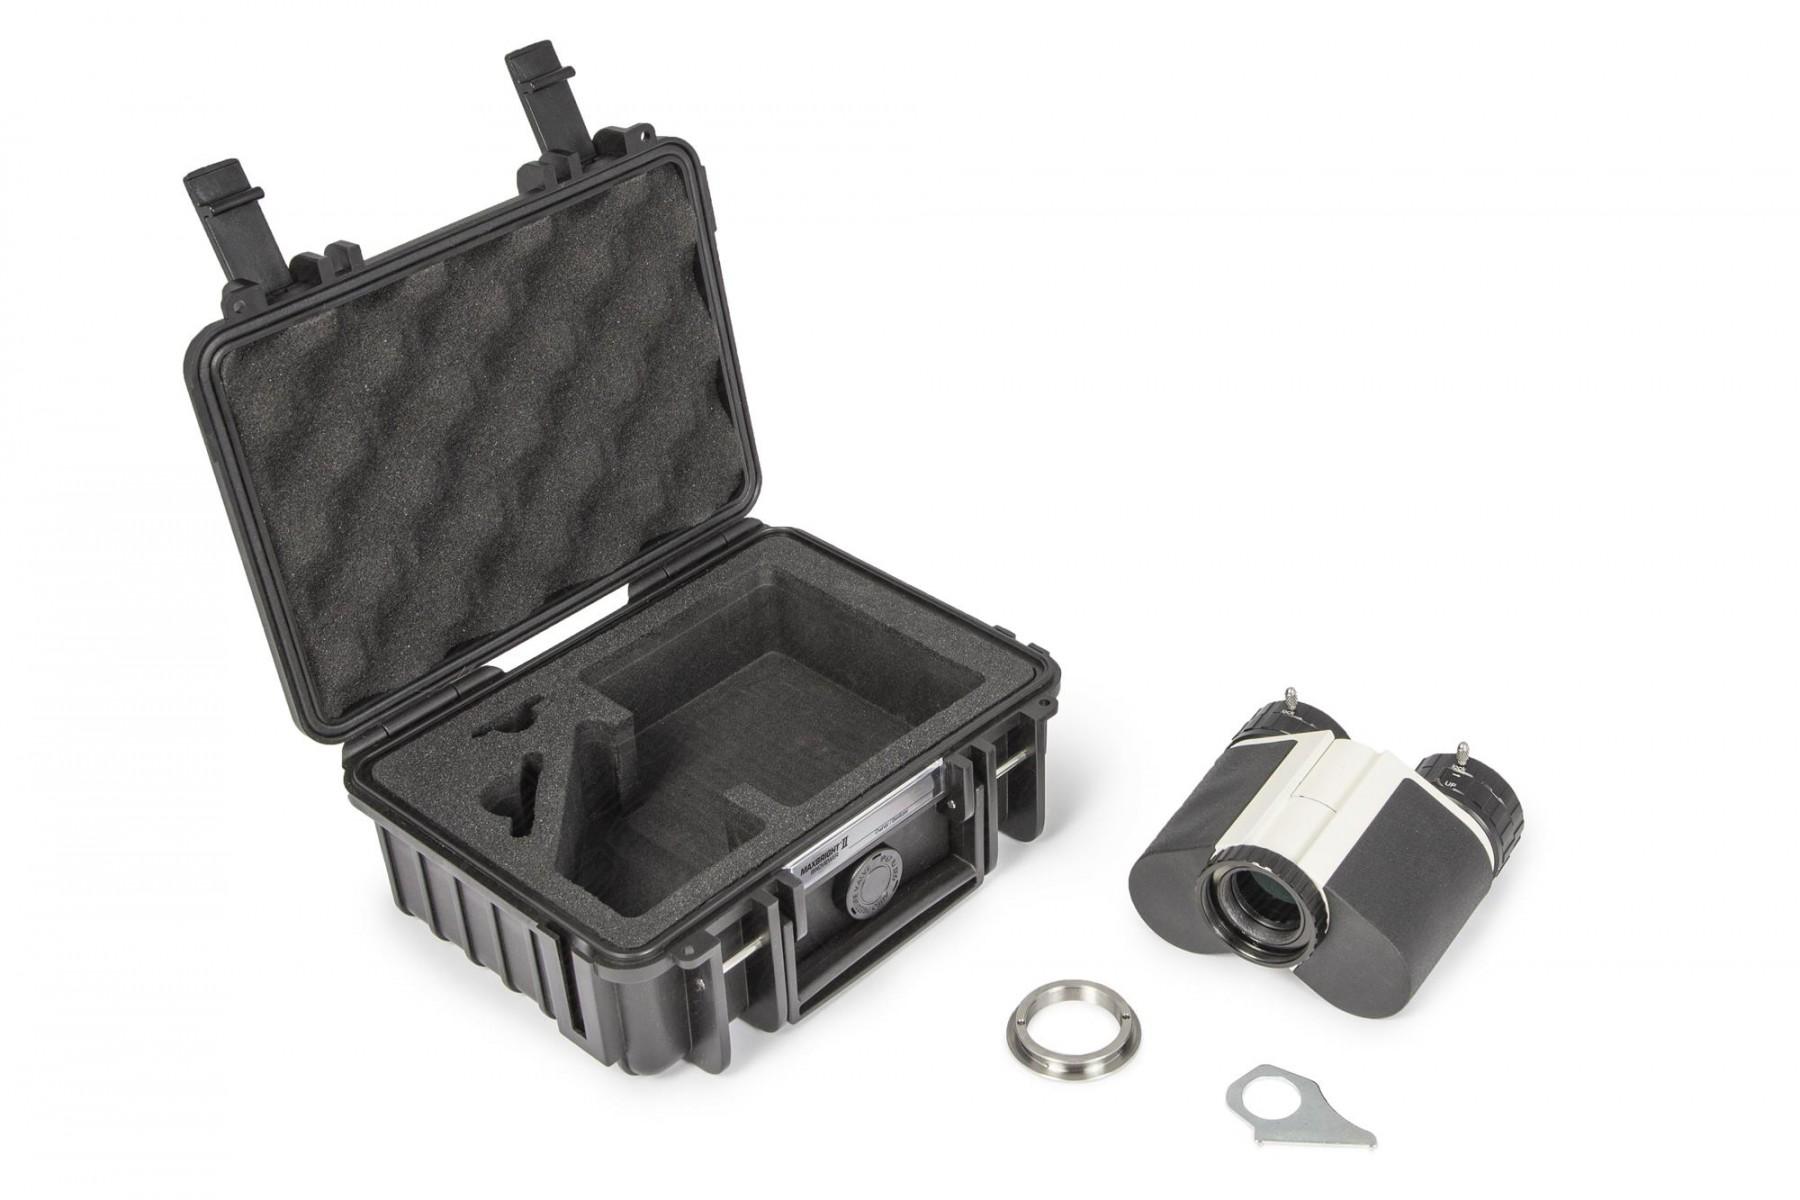 2 mm x 12 mm NEUF 1x Vert BETALIGHT-pour Morsure Indicateurs Haute Qualité